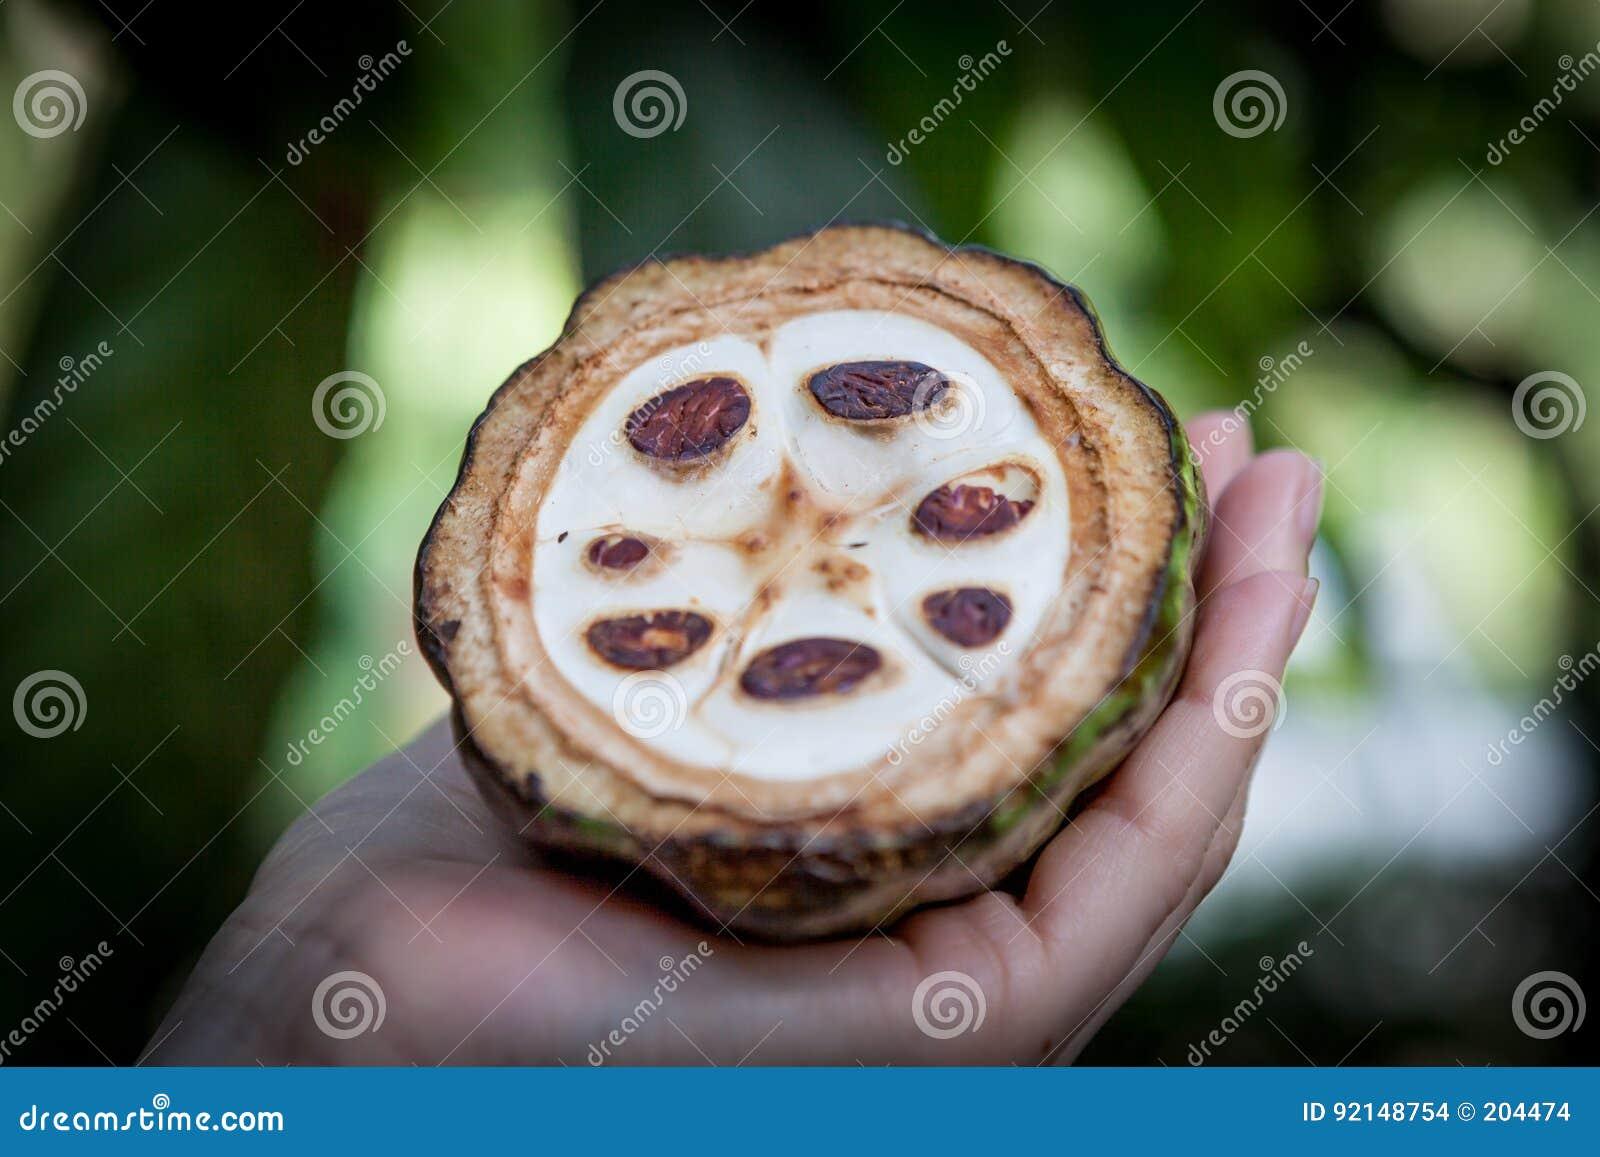 Ny kakaofrukt i en hand close upp Snitt av rå kakao i den Sri Lanka kolonin